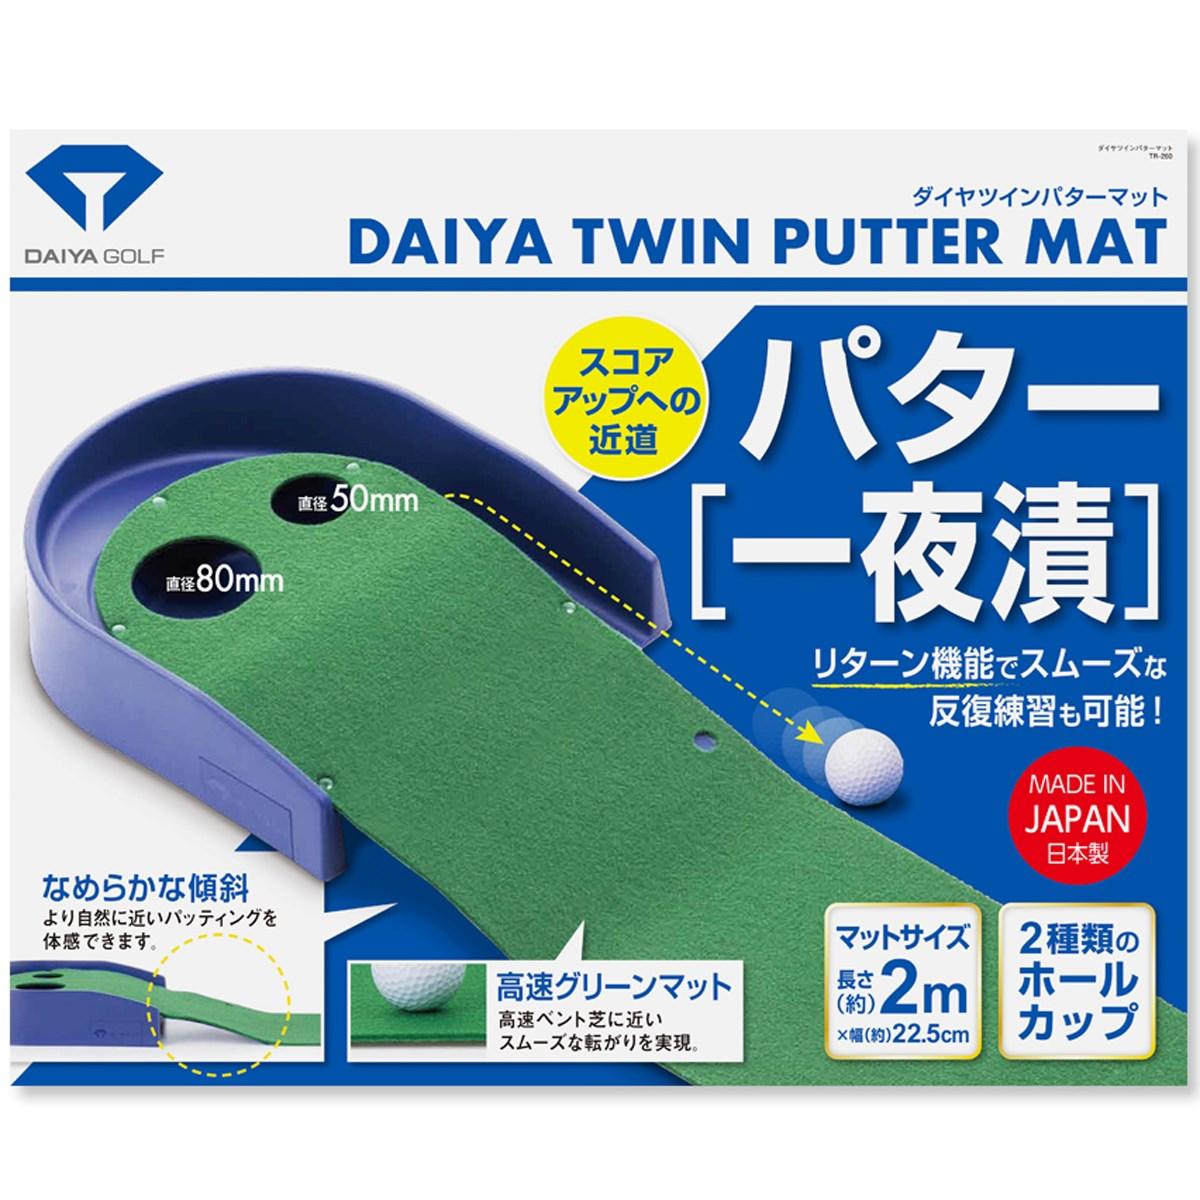 ダイヤゴルフ ツインパターマット TR-260